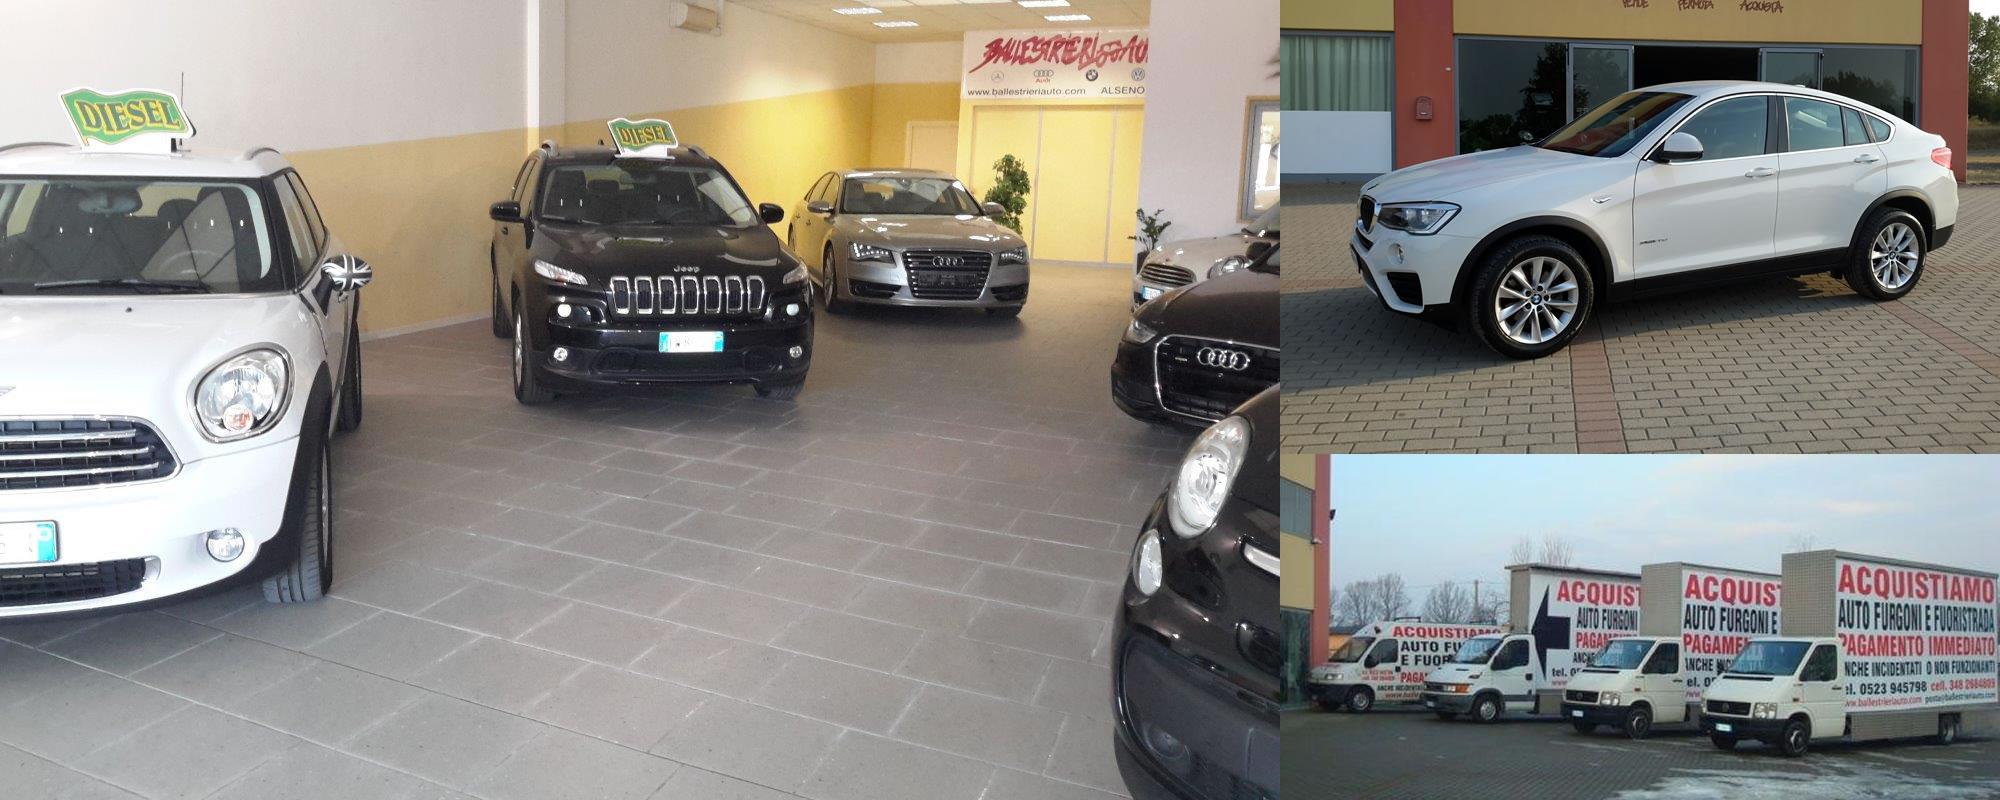 Acquistiamo la tua auto con pagamento immediato